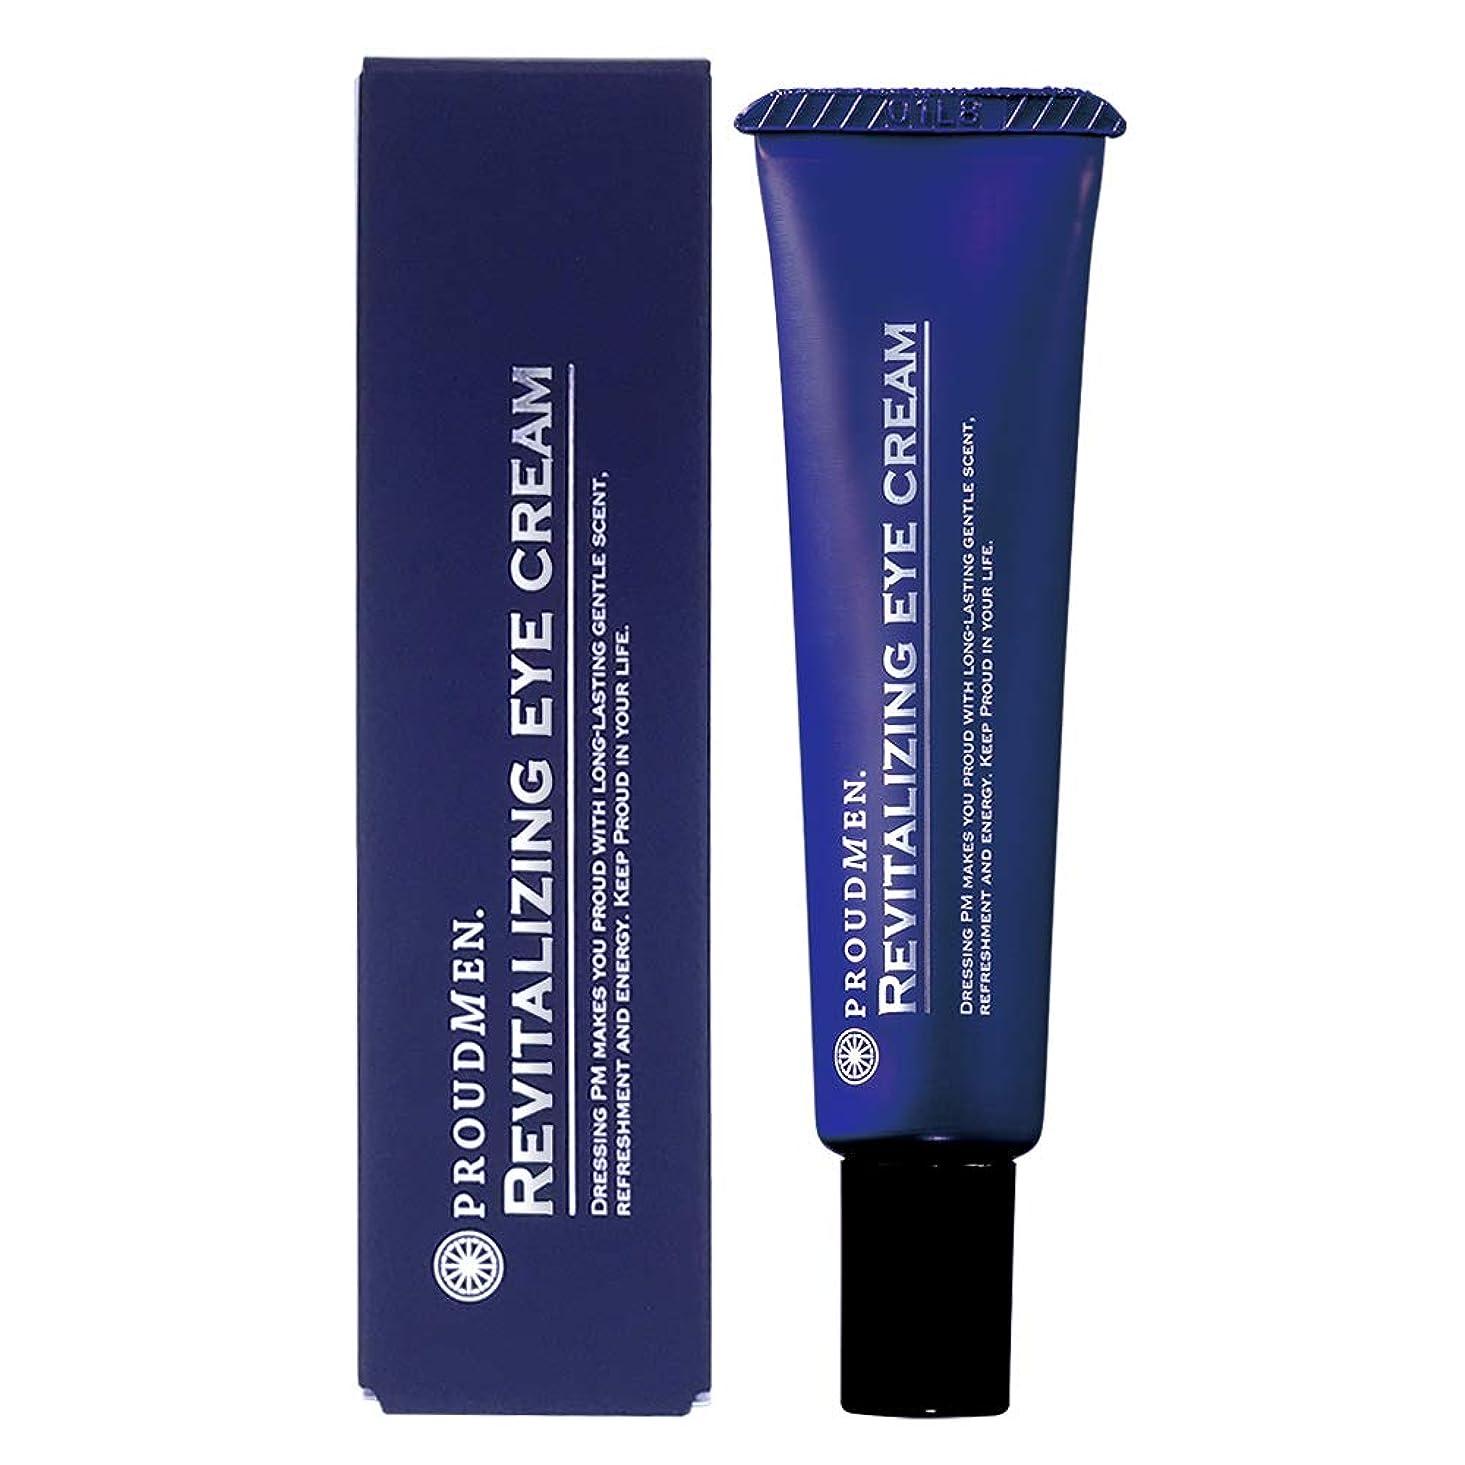 予感布コメントプラウドメン リバイタライジングアイクリーム 12g (グルーミング?シトラスの香り) 目元クリーム メンズコスメ 男性用化粧品